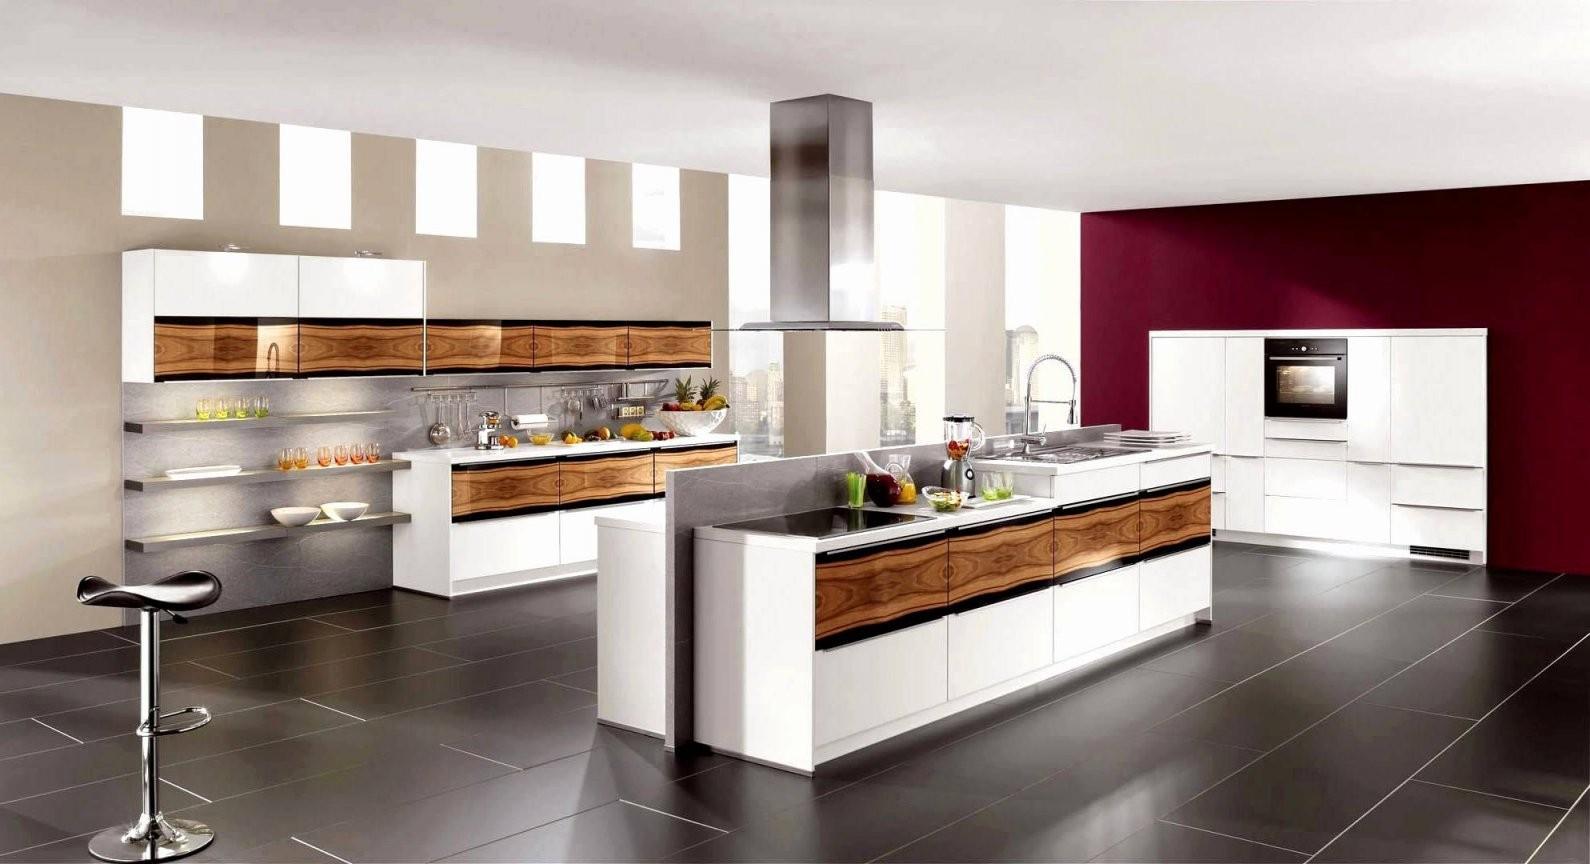 Tolle Küche Farbe Abwaschbare Farbe Küche Küche Braun Wandfarbe K C3 von Abwaschbare Farbe Für Küche Photo